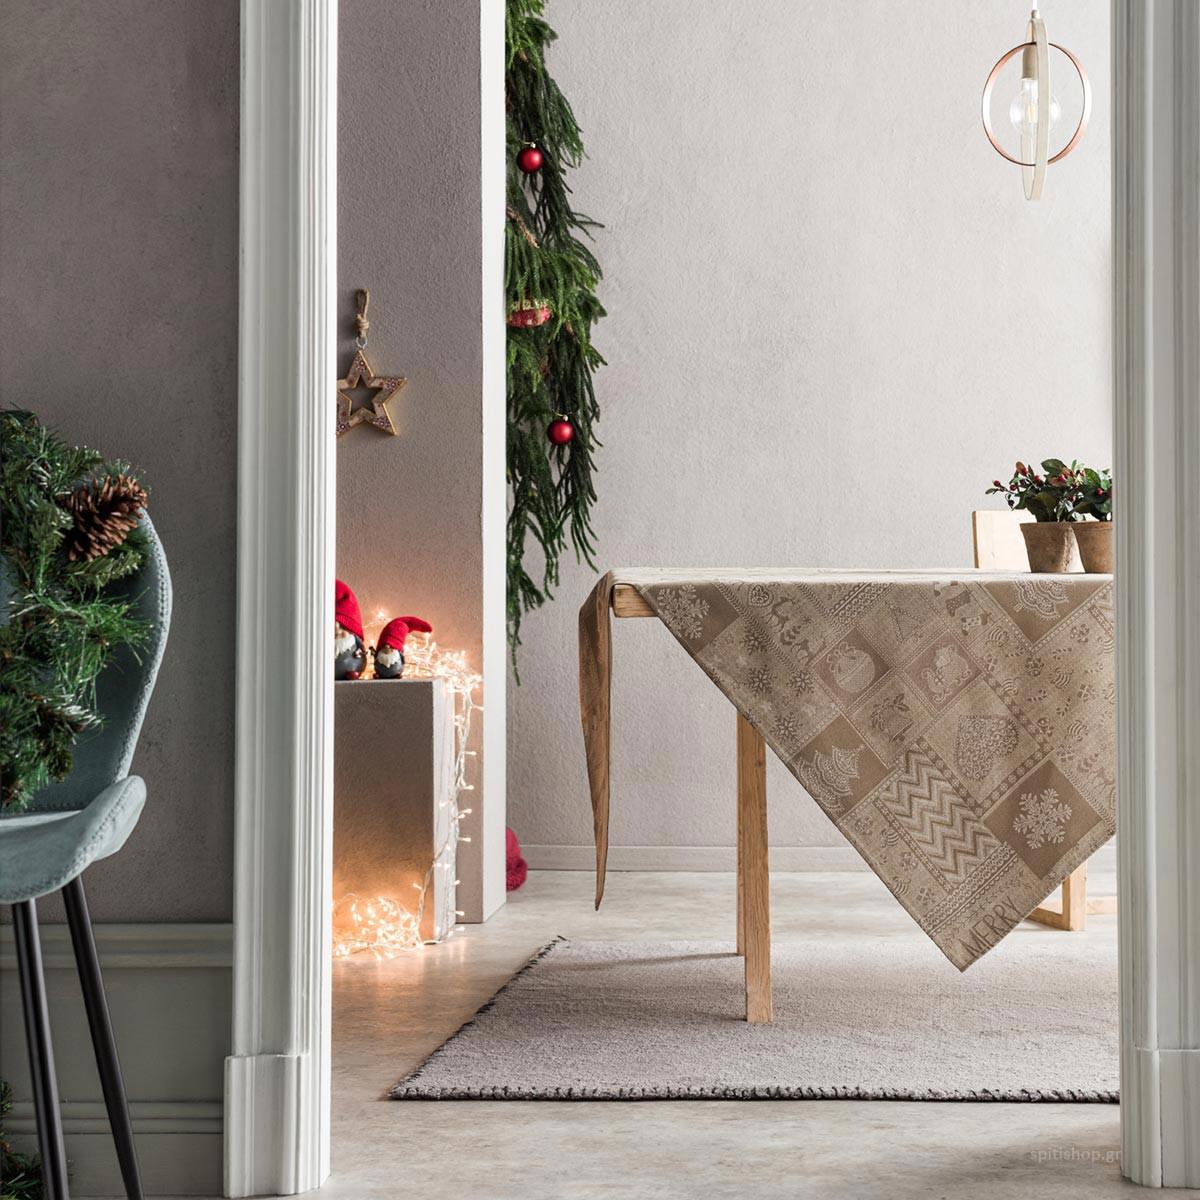 Χριστουγεννιάτικο Τραπεζομάντηλο (135×220) Gofis Home 594/04